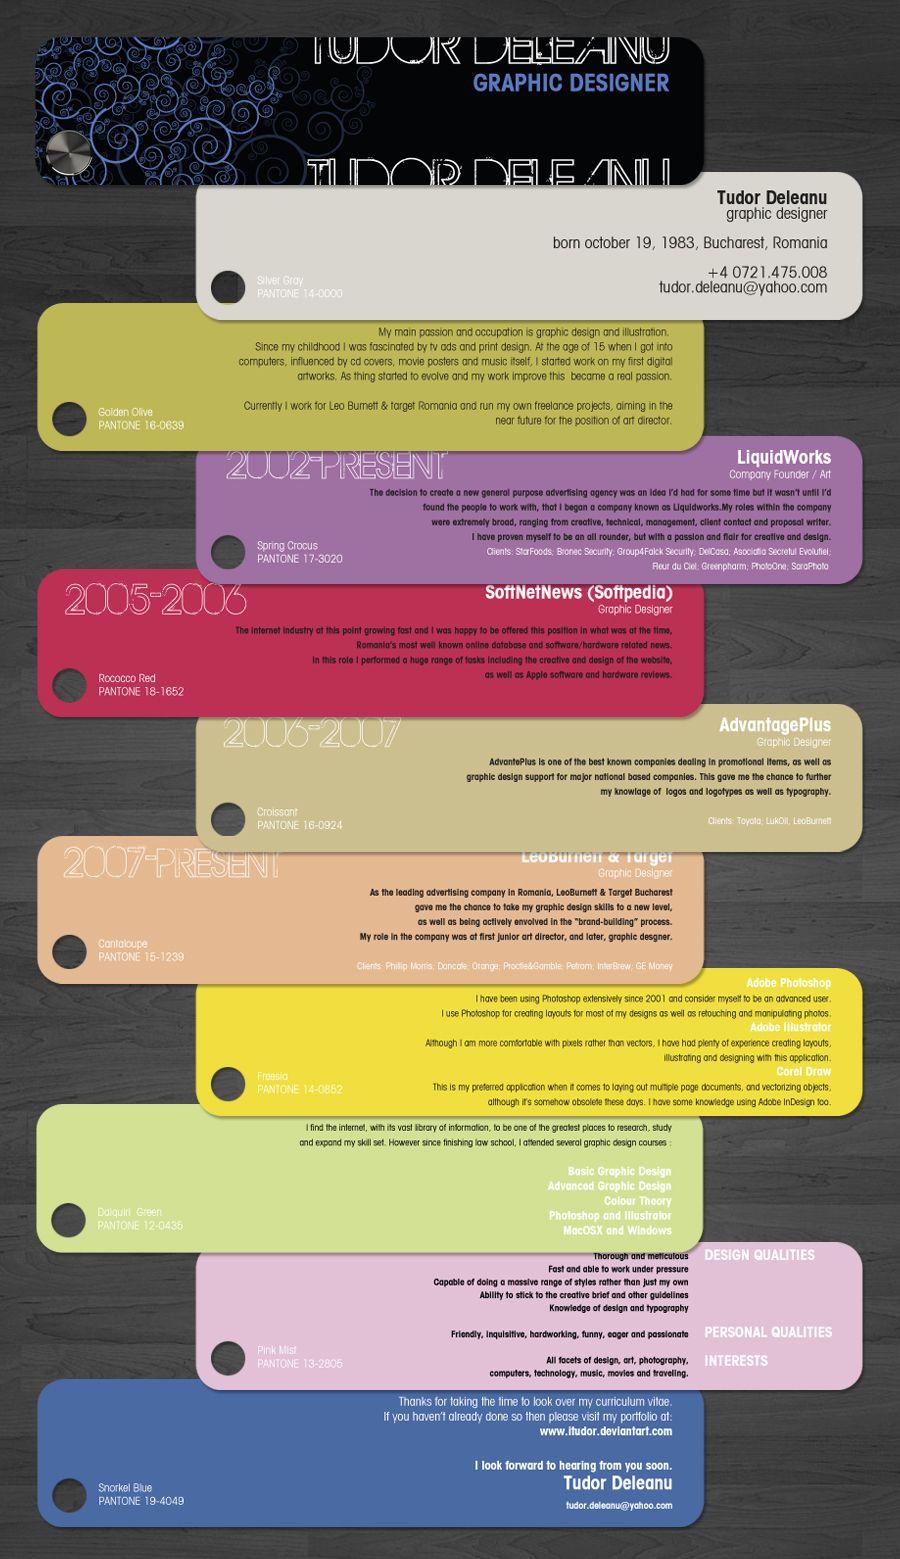 100 graphic designers resume samples visual designer resume